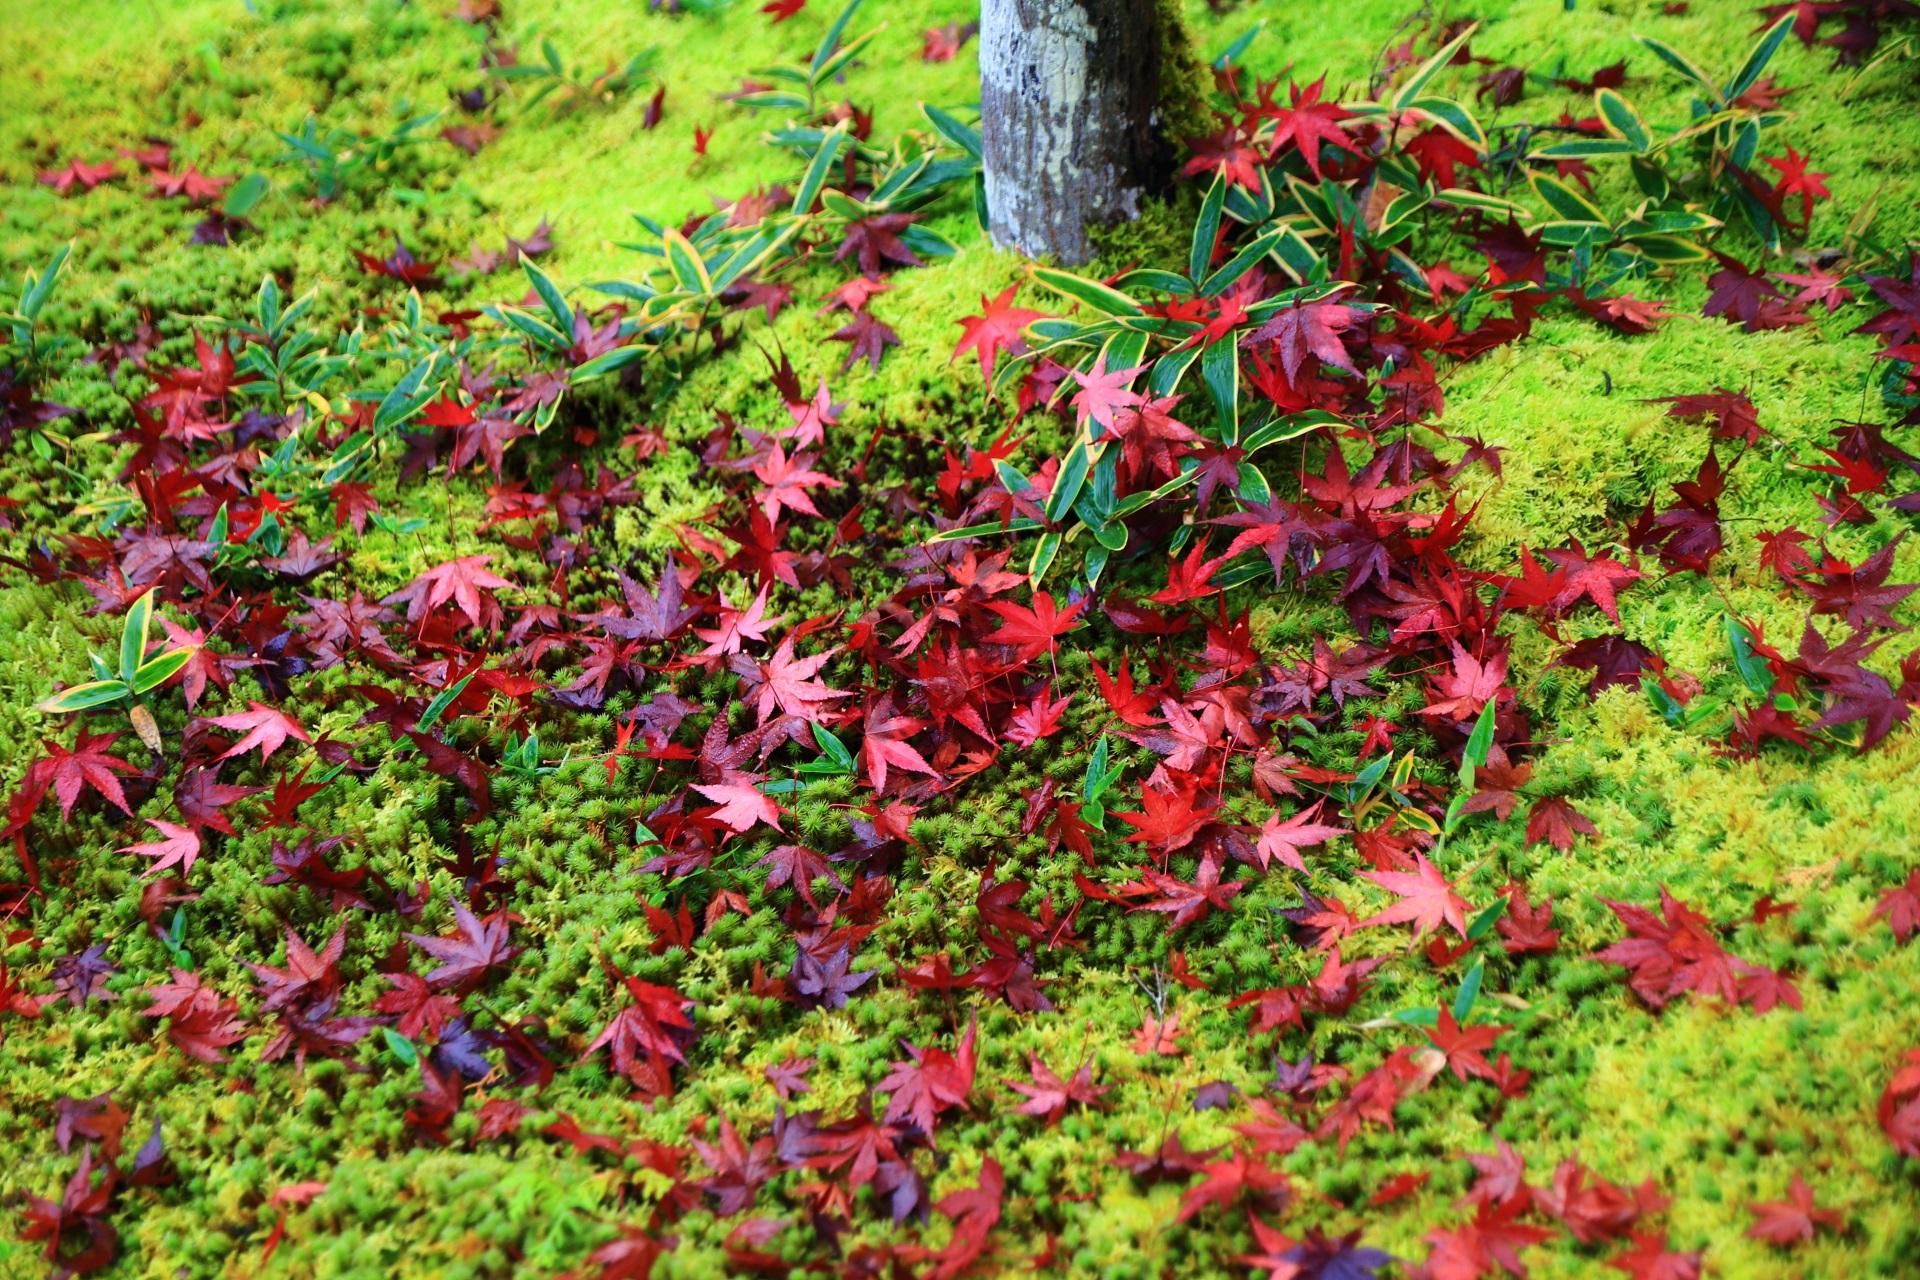 淡い緑の苔や植物を艶やかに彩る光悦寺の散り紅葉